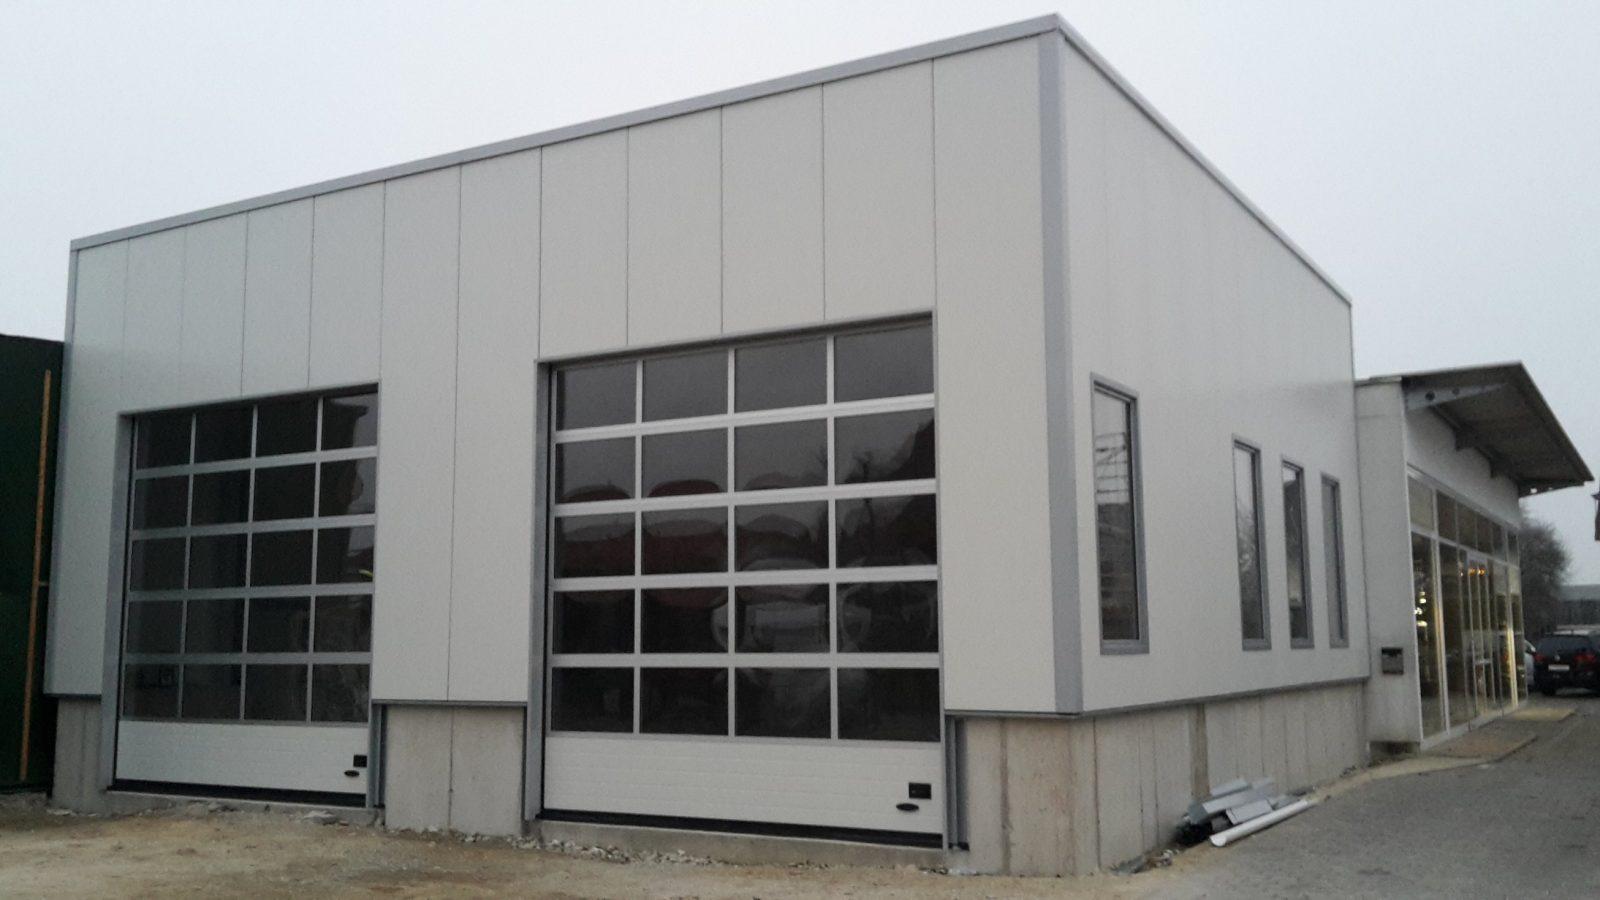 Werkstatthalle Bauen  Hallenbau Individuell  Hacobau Gmbh von Kfz Werkstatt Bauen Kosten Photo